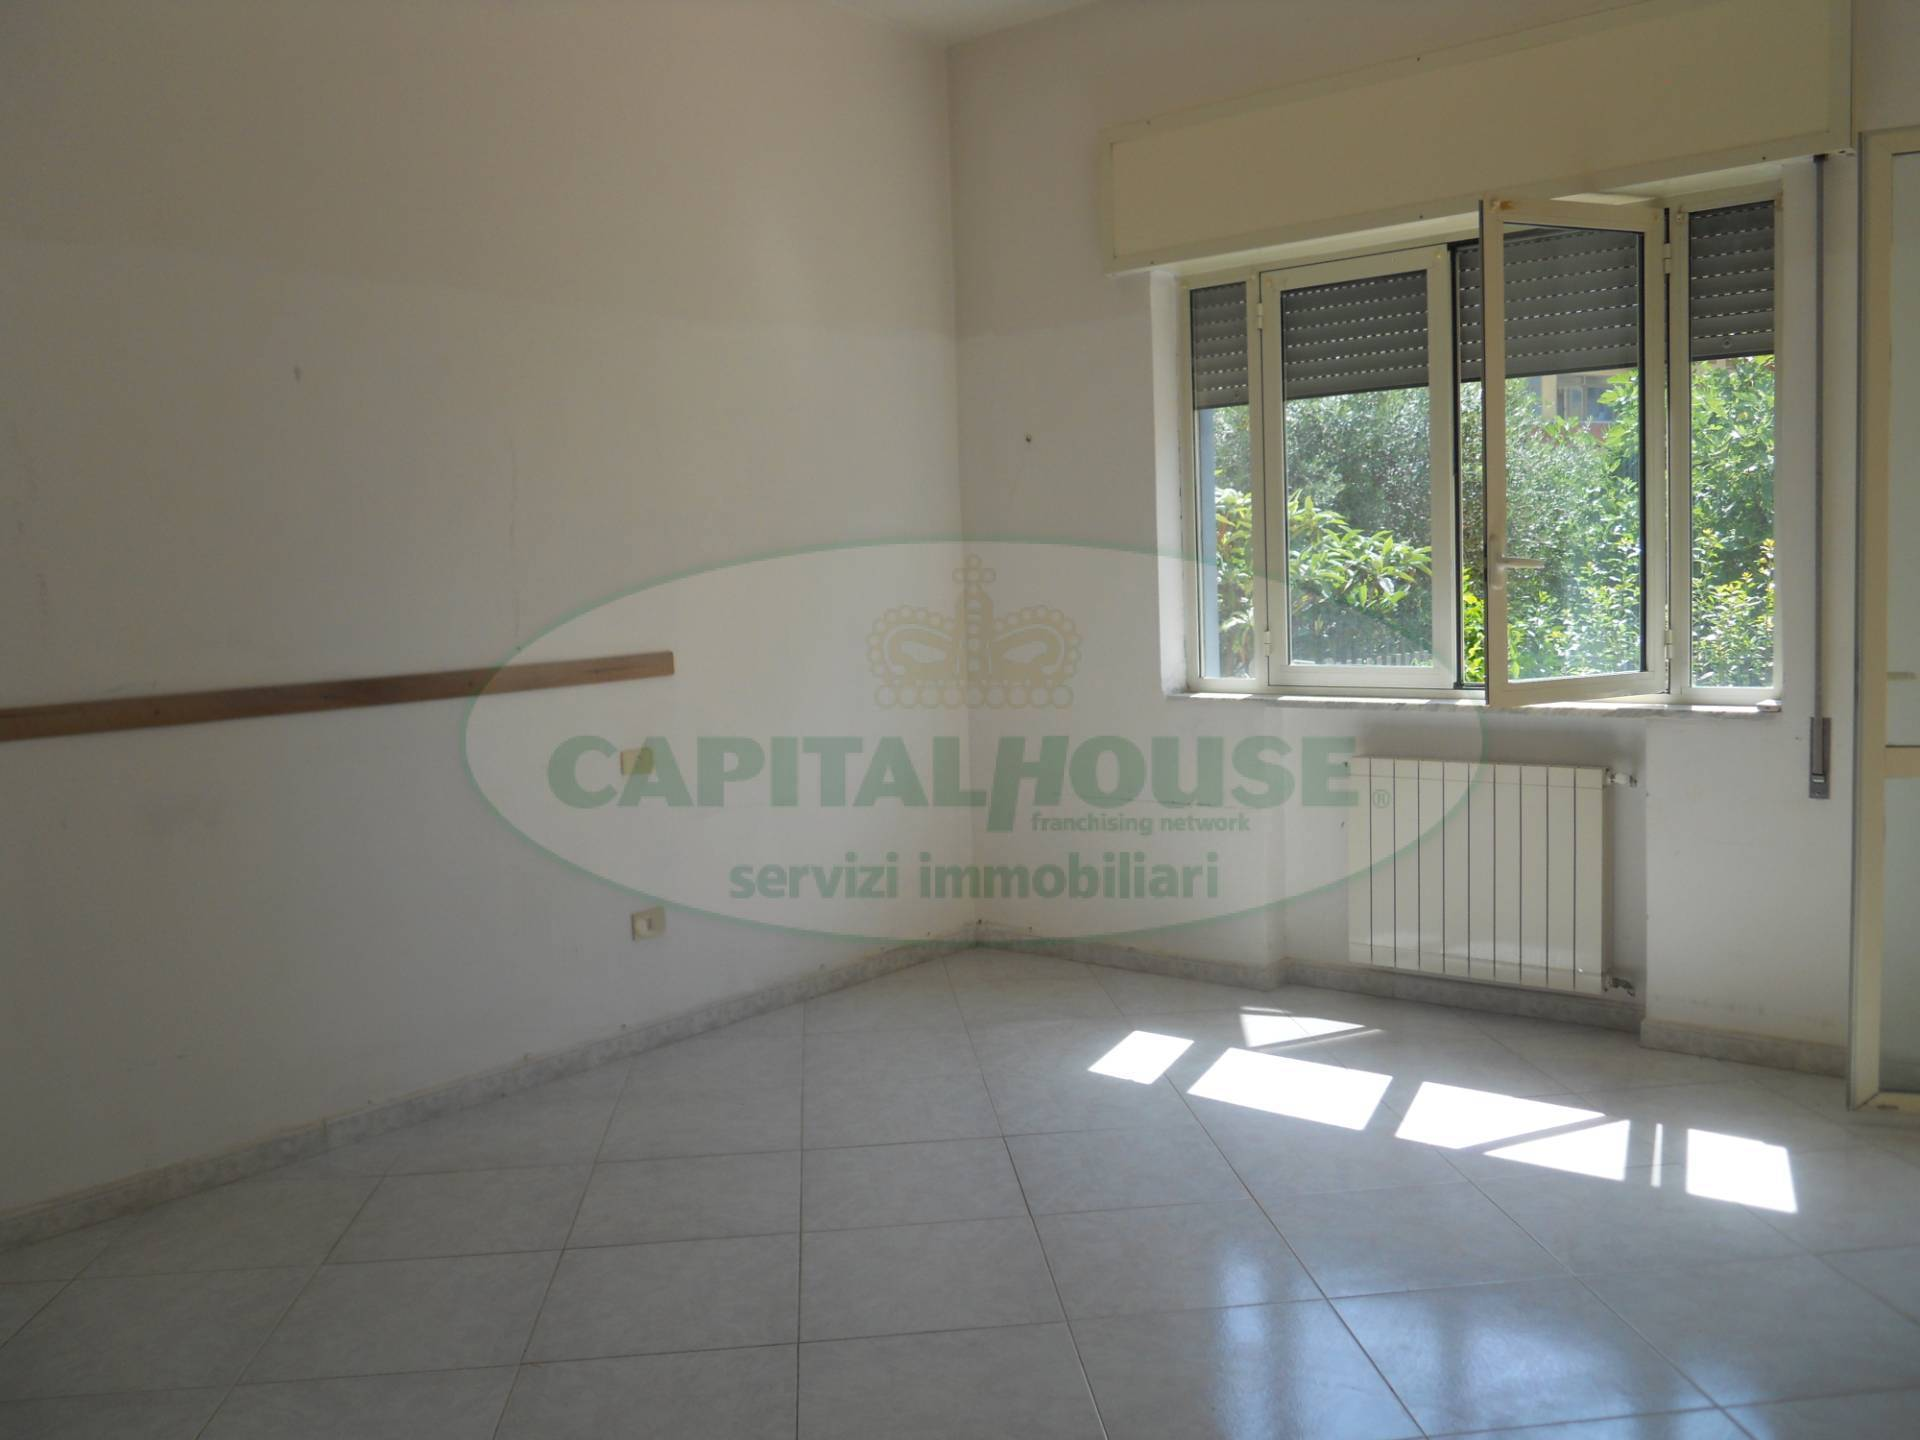 Appartamento in vendita a Sparanise, 5 locali, prezzo € 109.000 | PortaleAgenzieImmobiliari.it